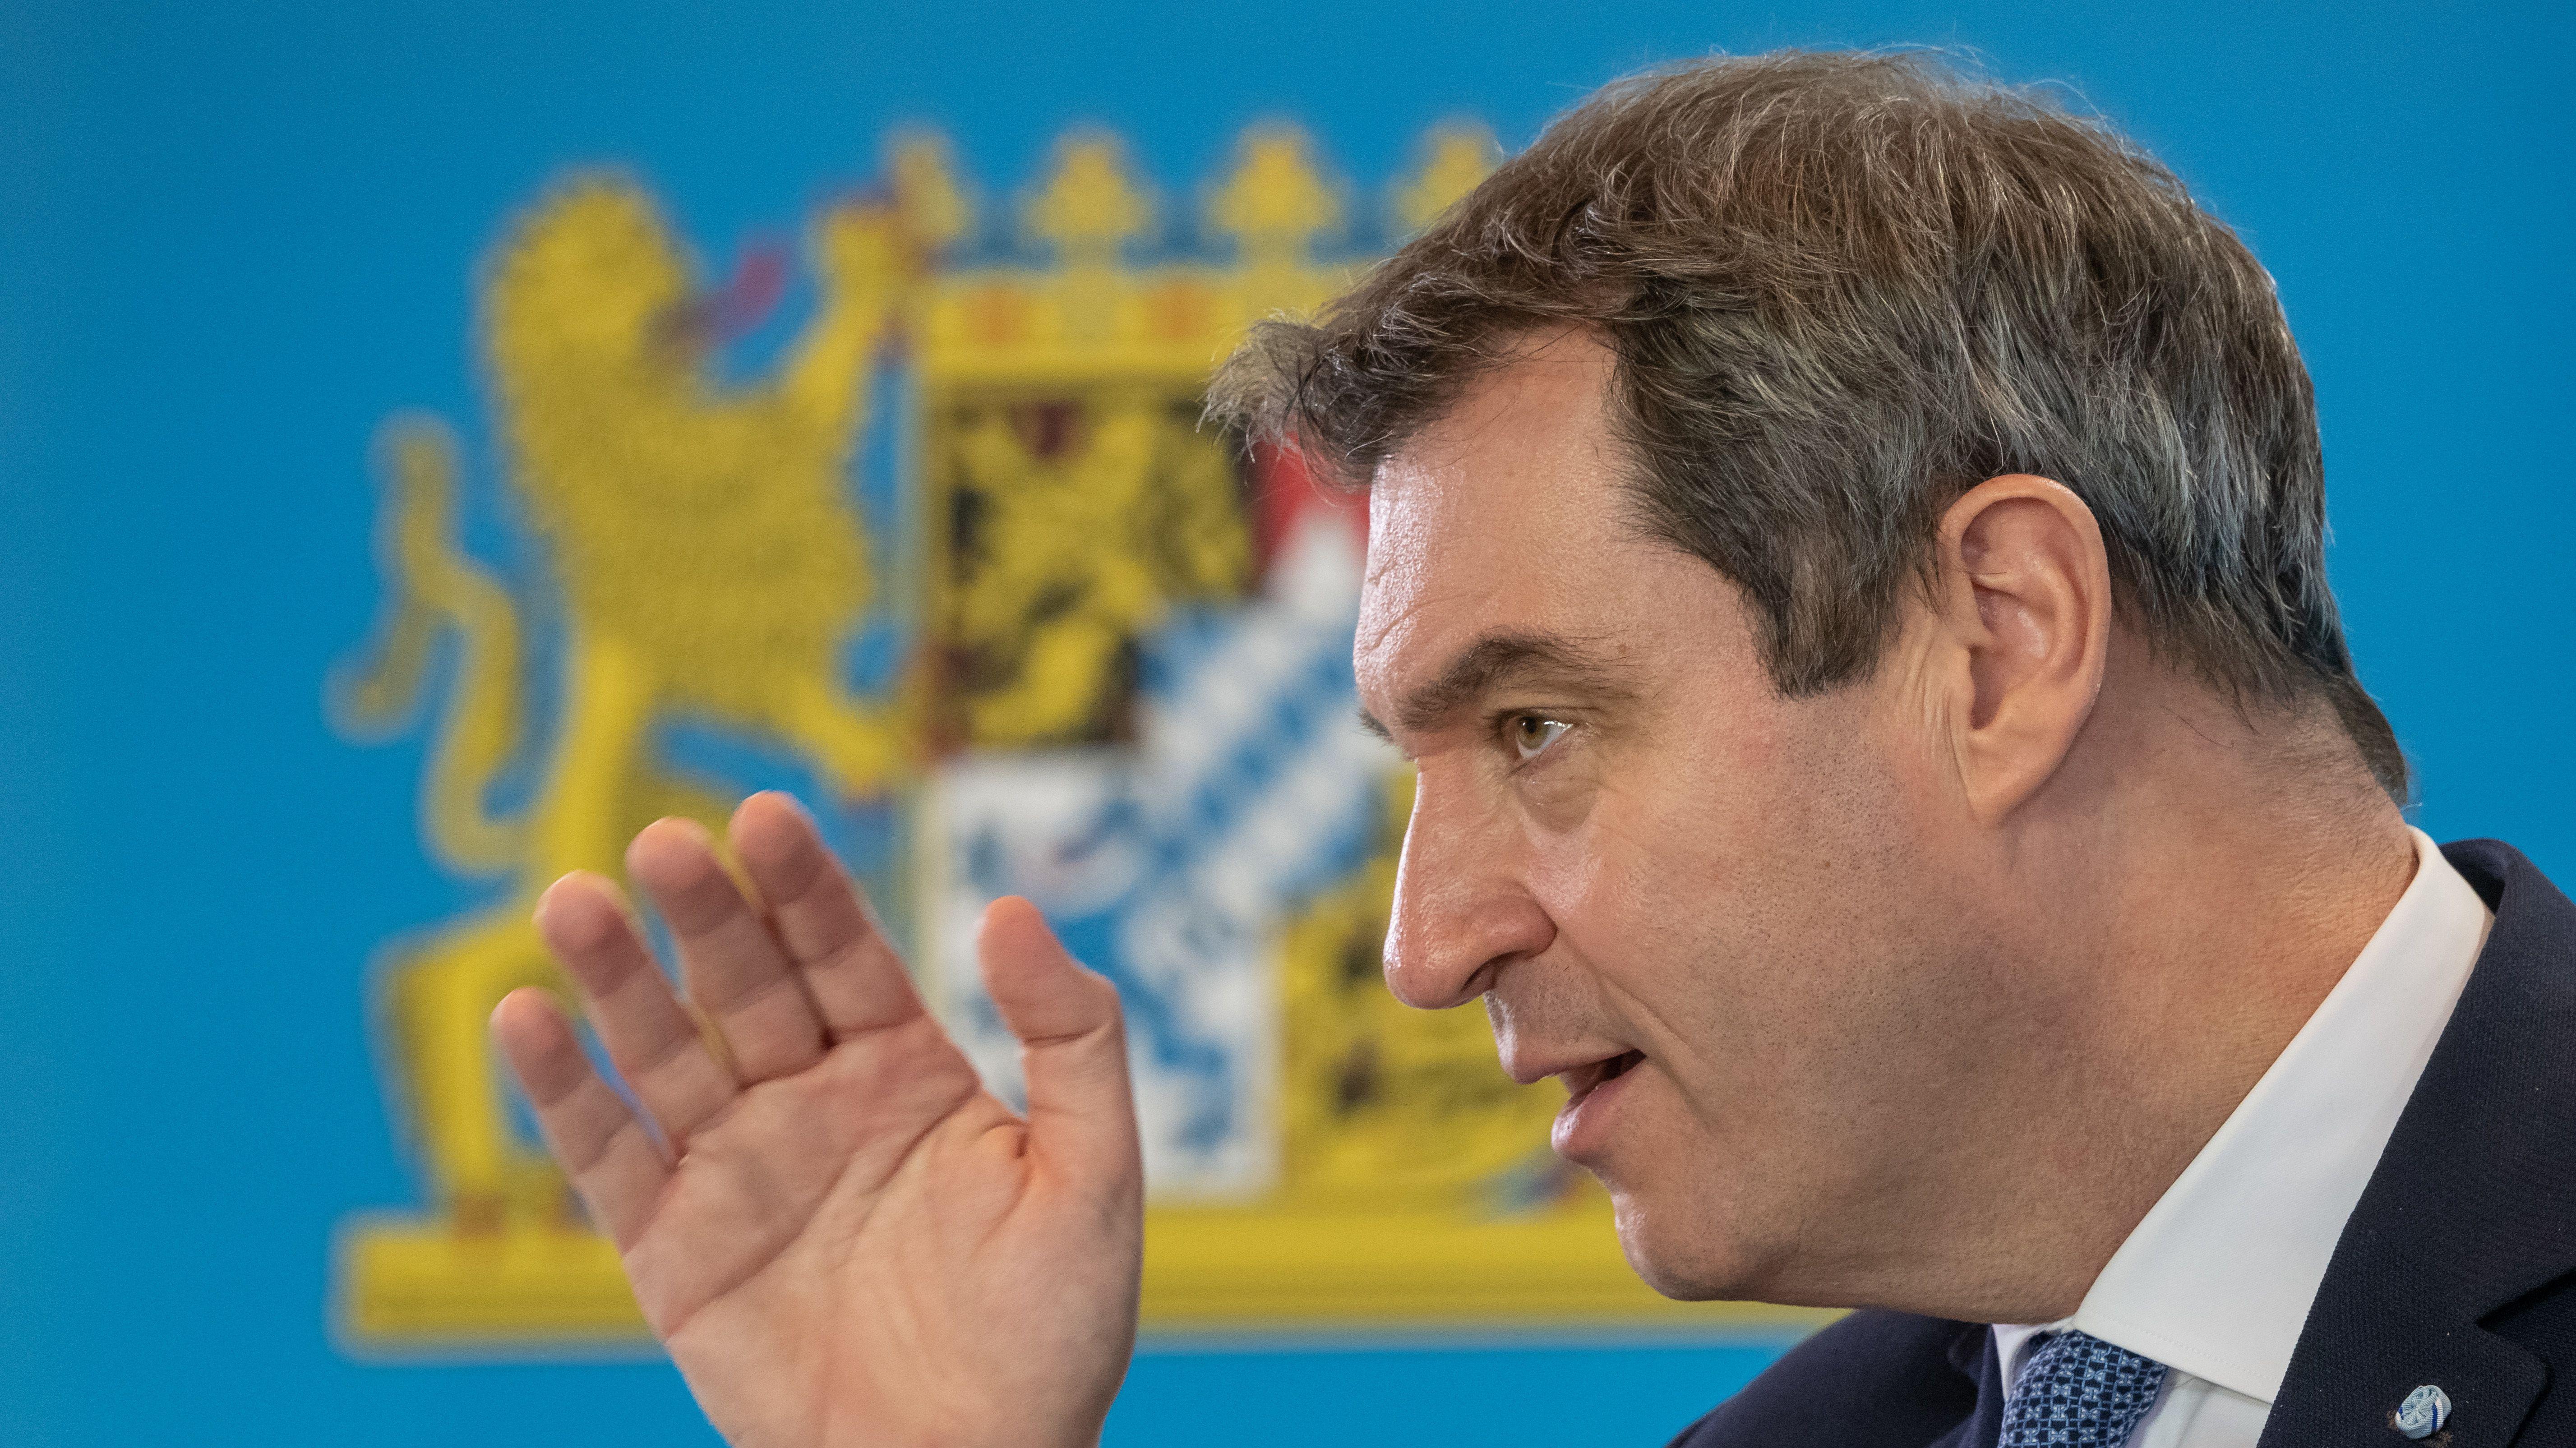 Markus Söder (CSU), Ministerpräsident von Bayern, spricht am 30.03.2020 bei einer Pressekonferenz in der bayerischen Staatskanzlei.